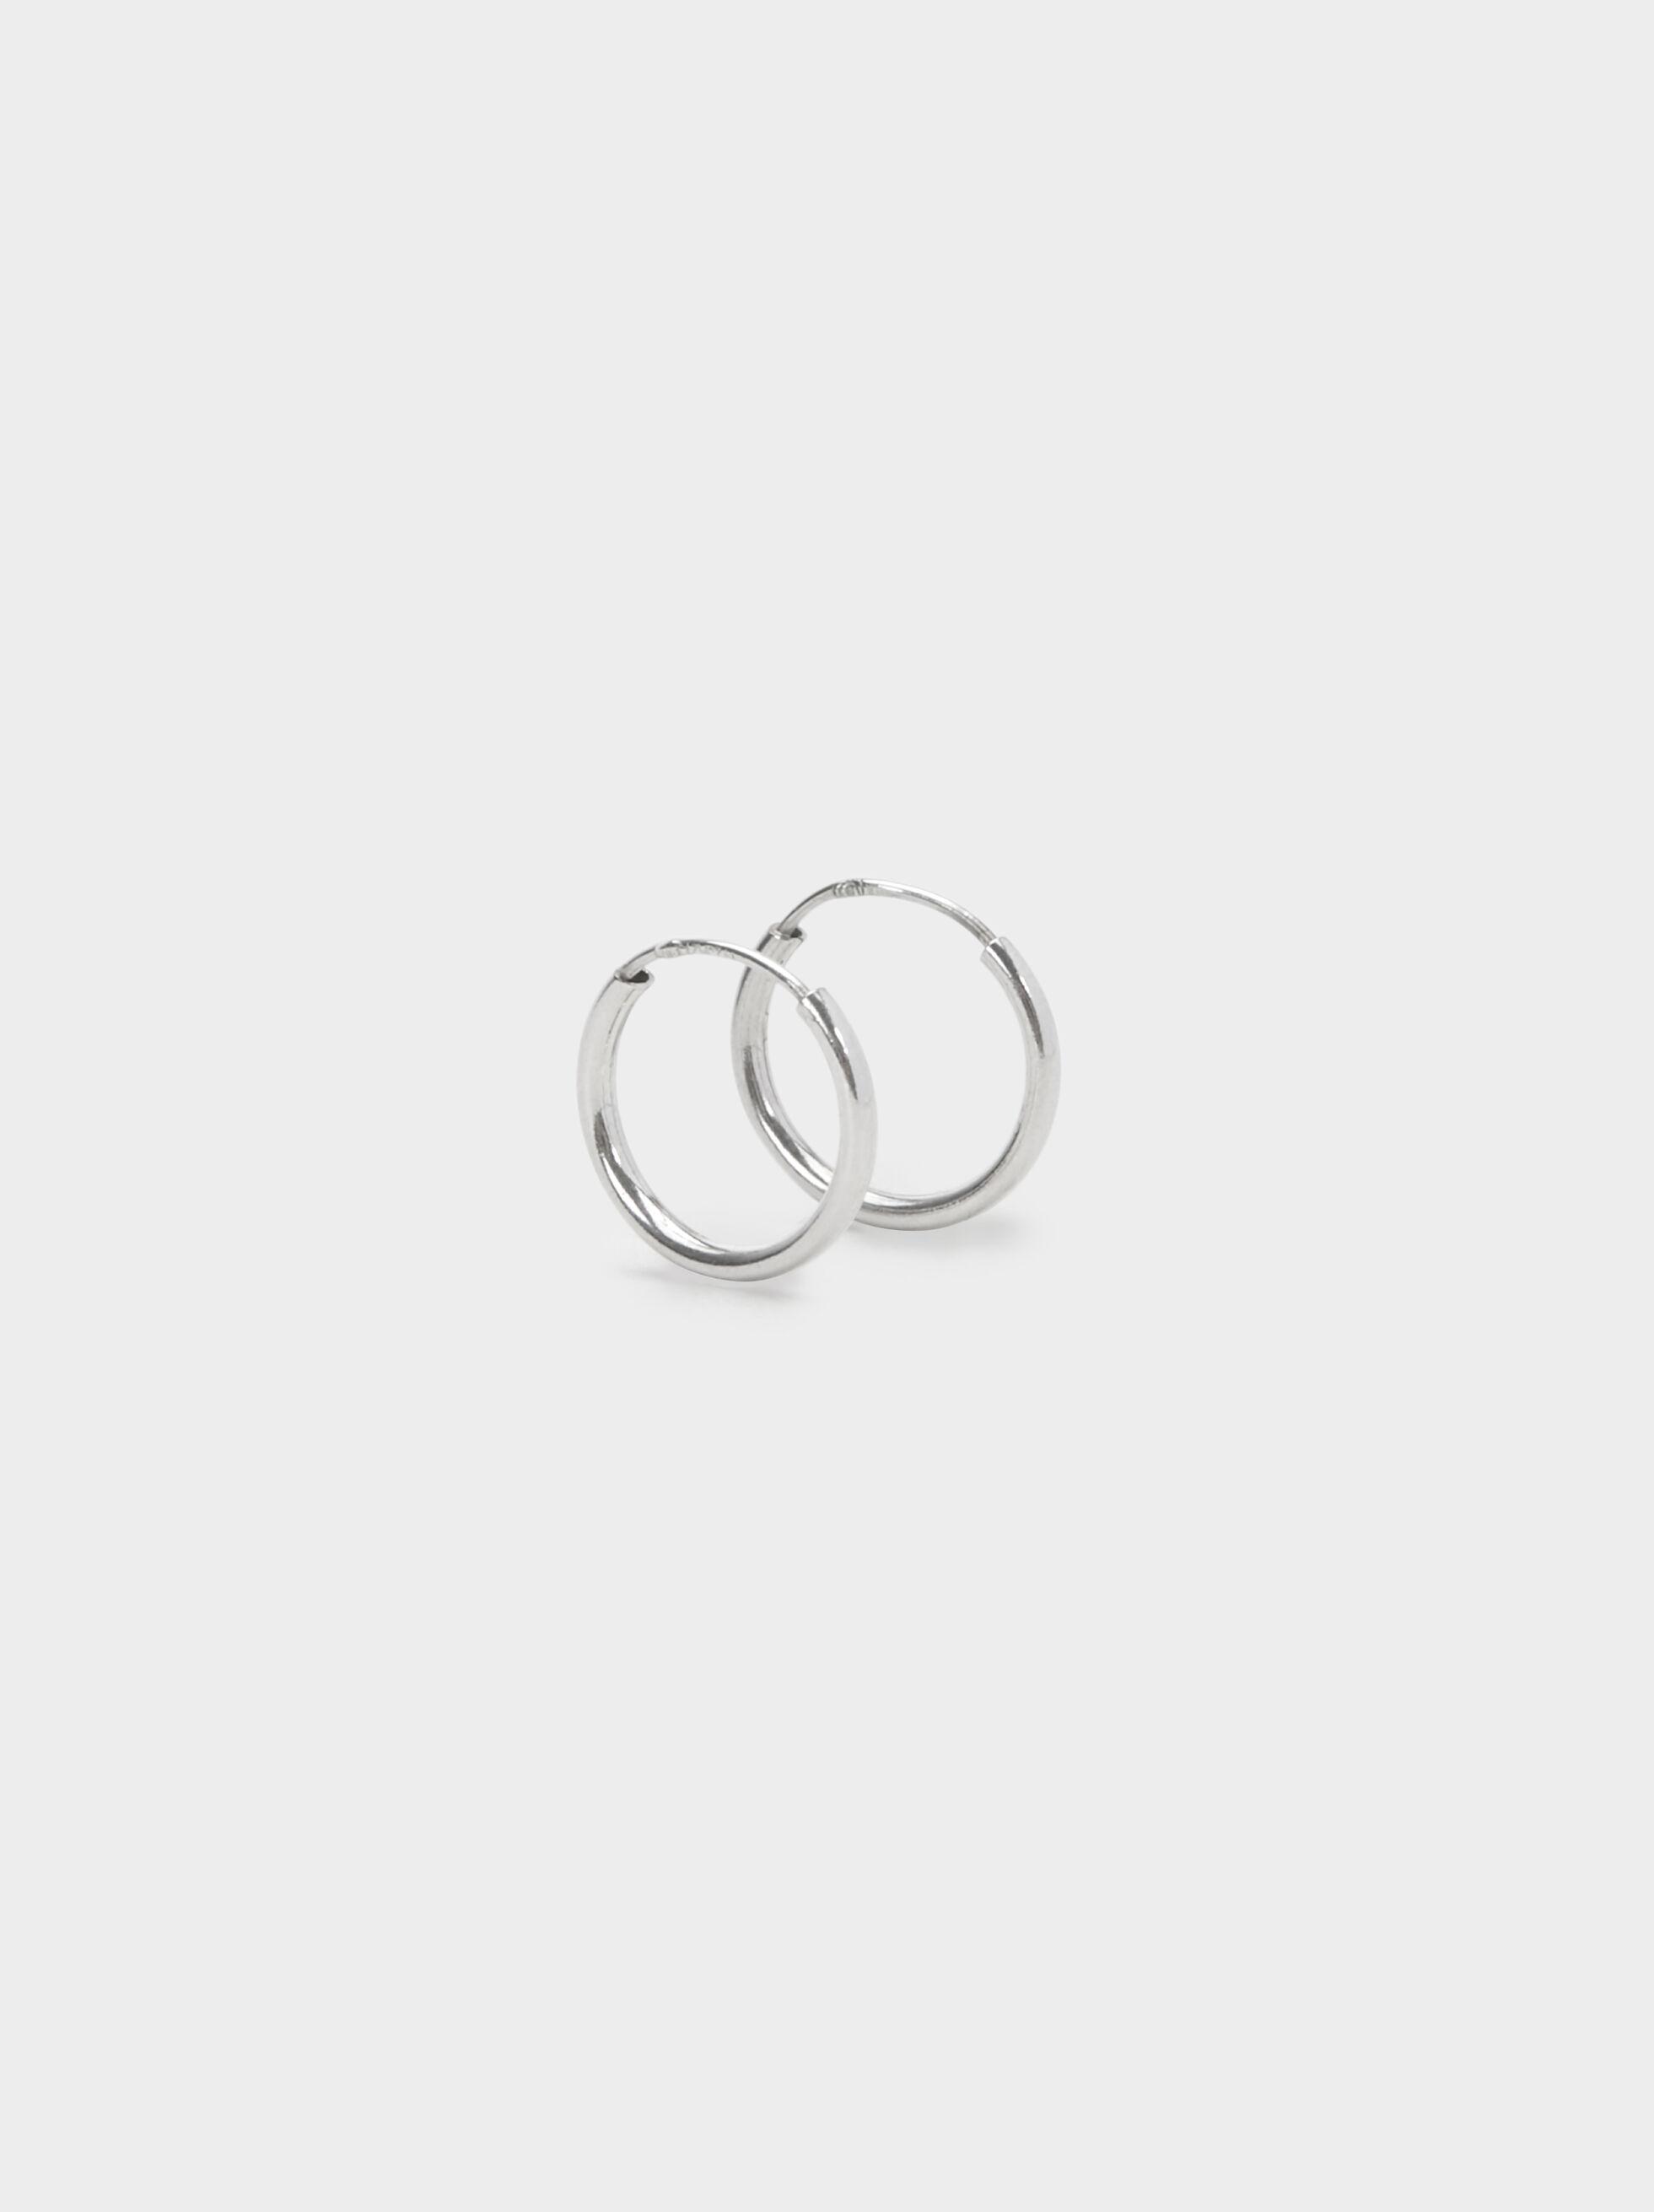 925 Sterling Silver Short Hoop-Earrings, Silver, hi-res